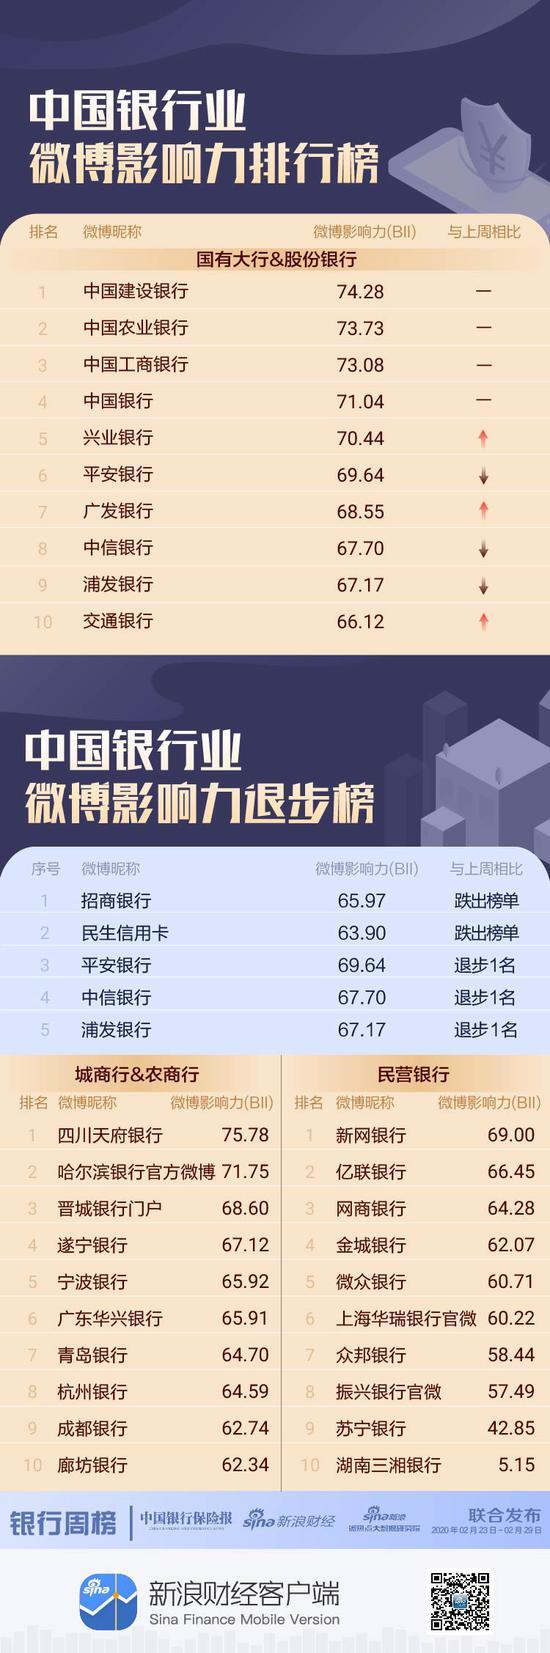 中国去年12月抛美债193亿美元日本仍为美国最大债权国